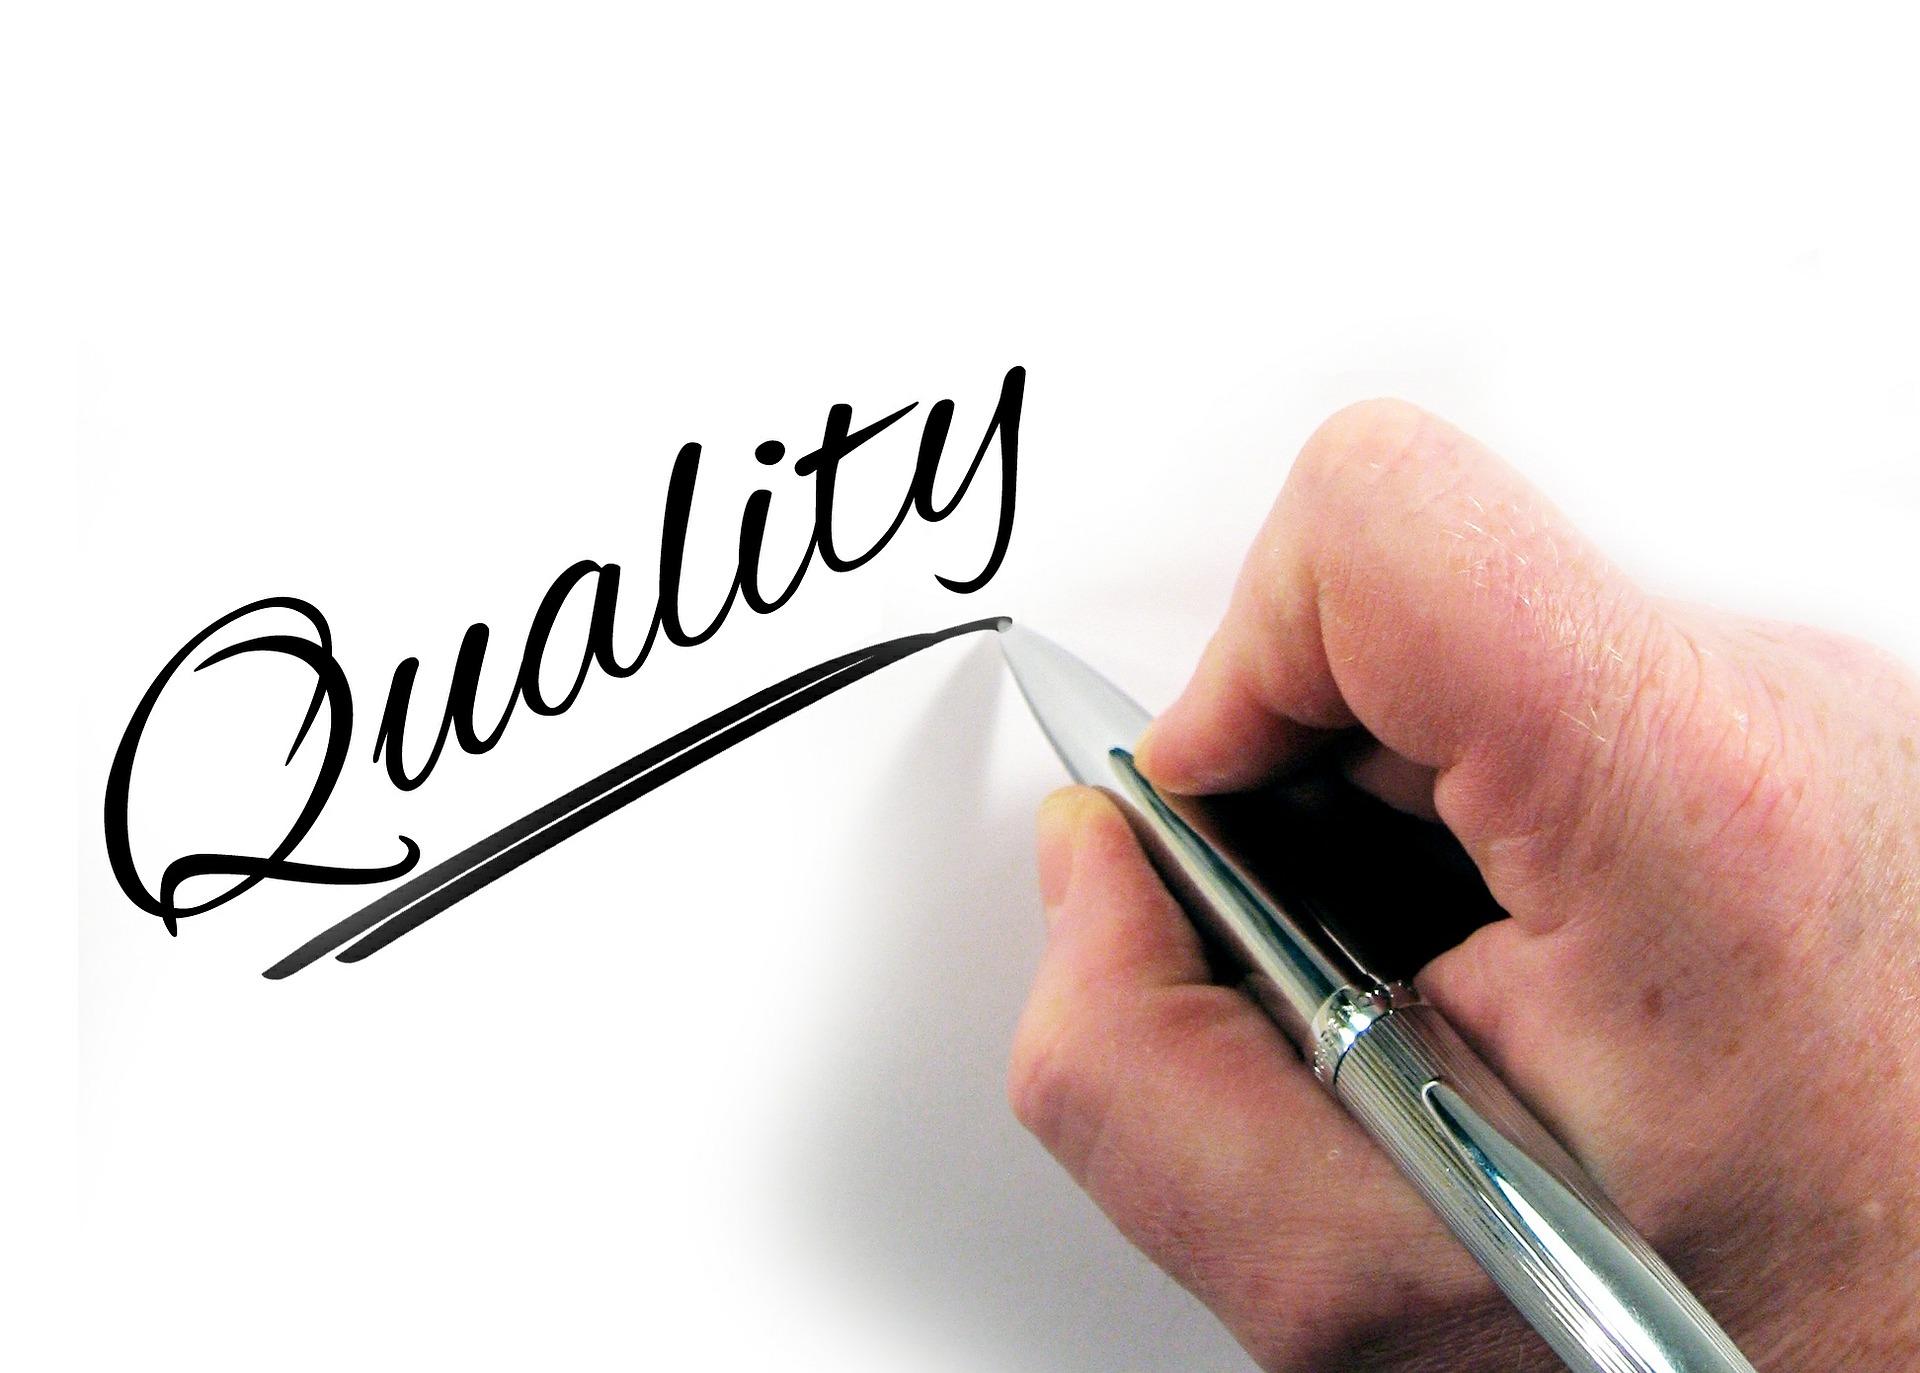 Qualität geht vor  Quantität